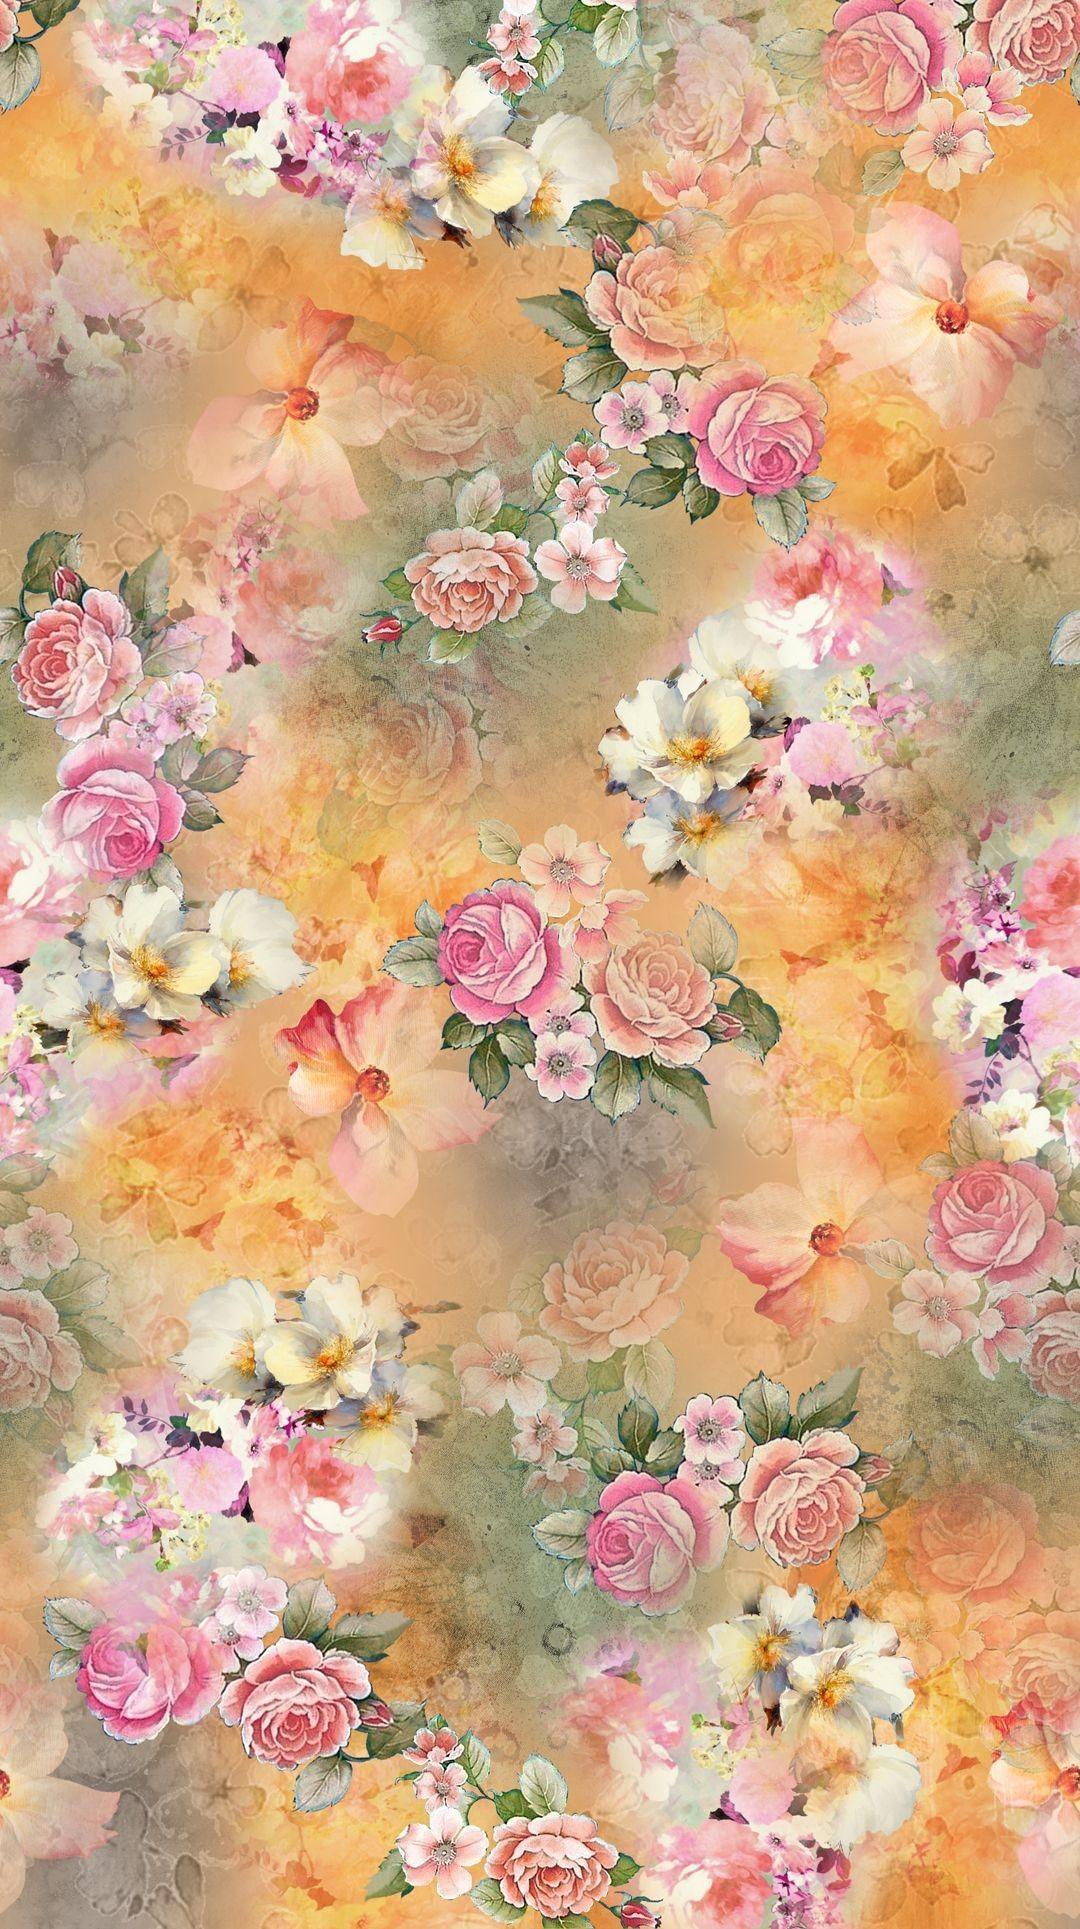 Luxury Flower Crown Wallpaper In 2020 Vintage Flowers Wallpaper Iphone Wallpaper Vintage Floral Wallpaper